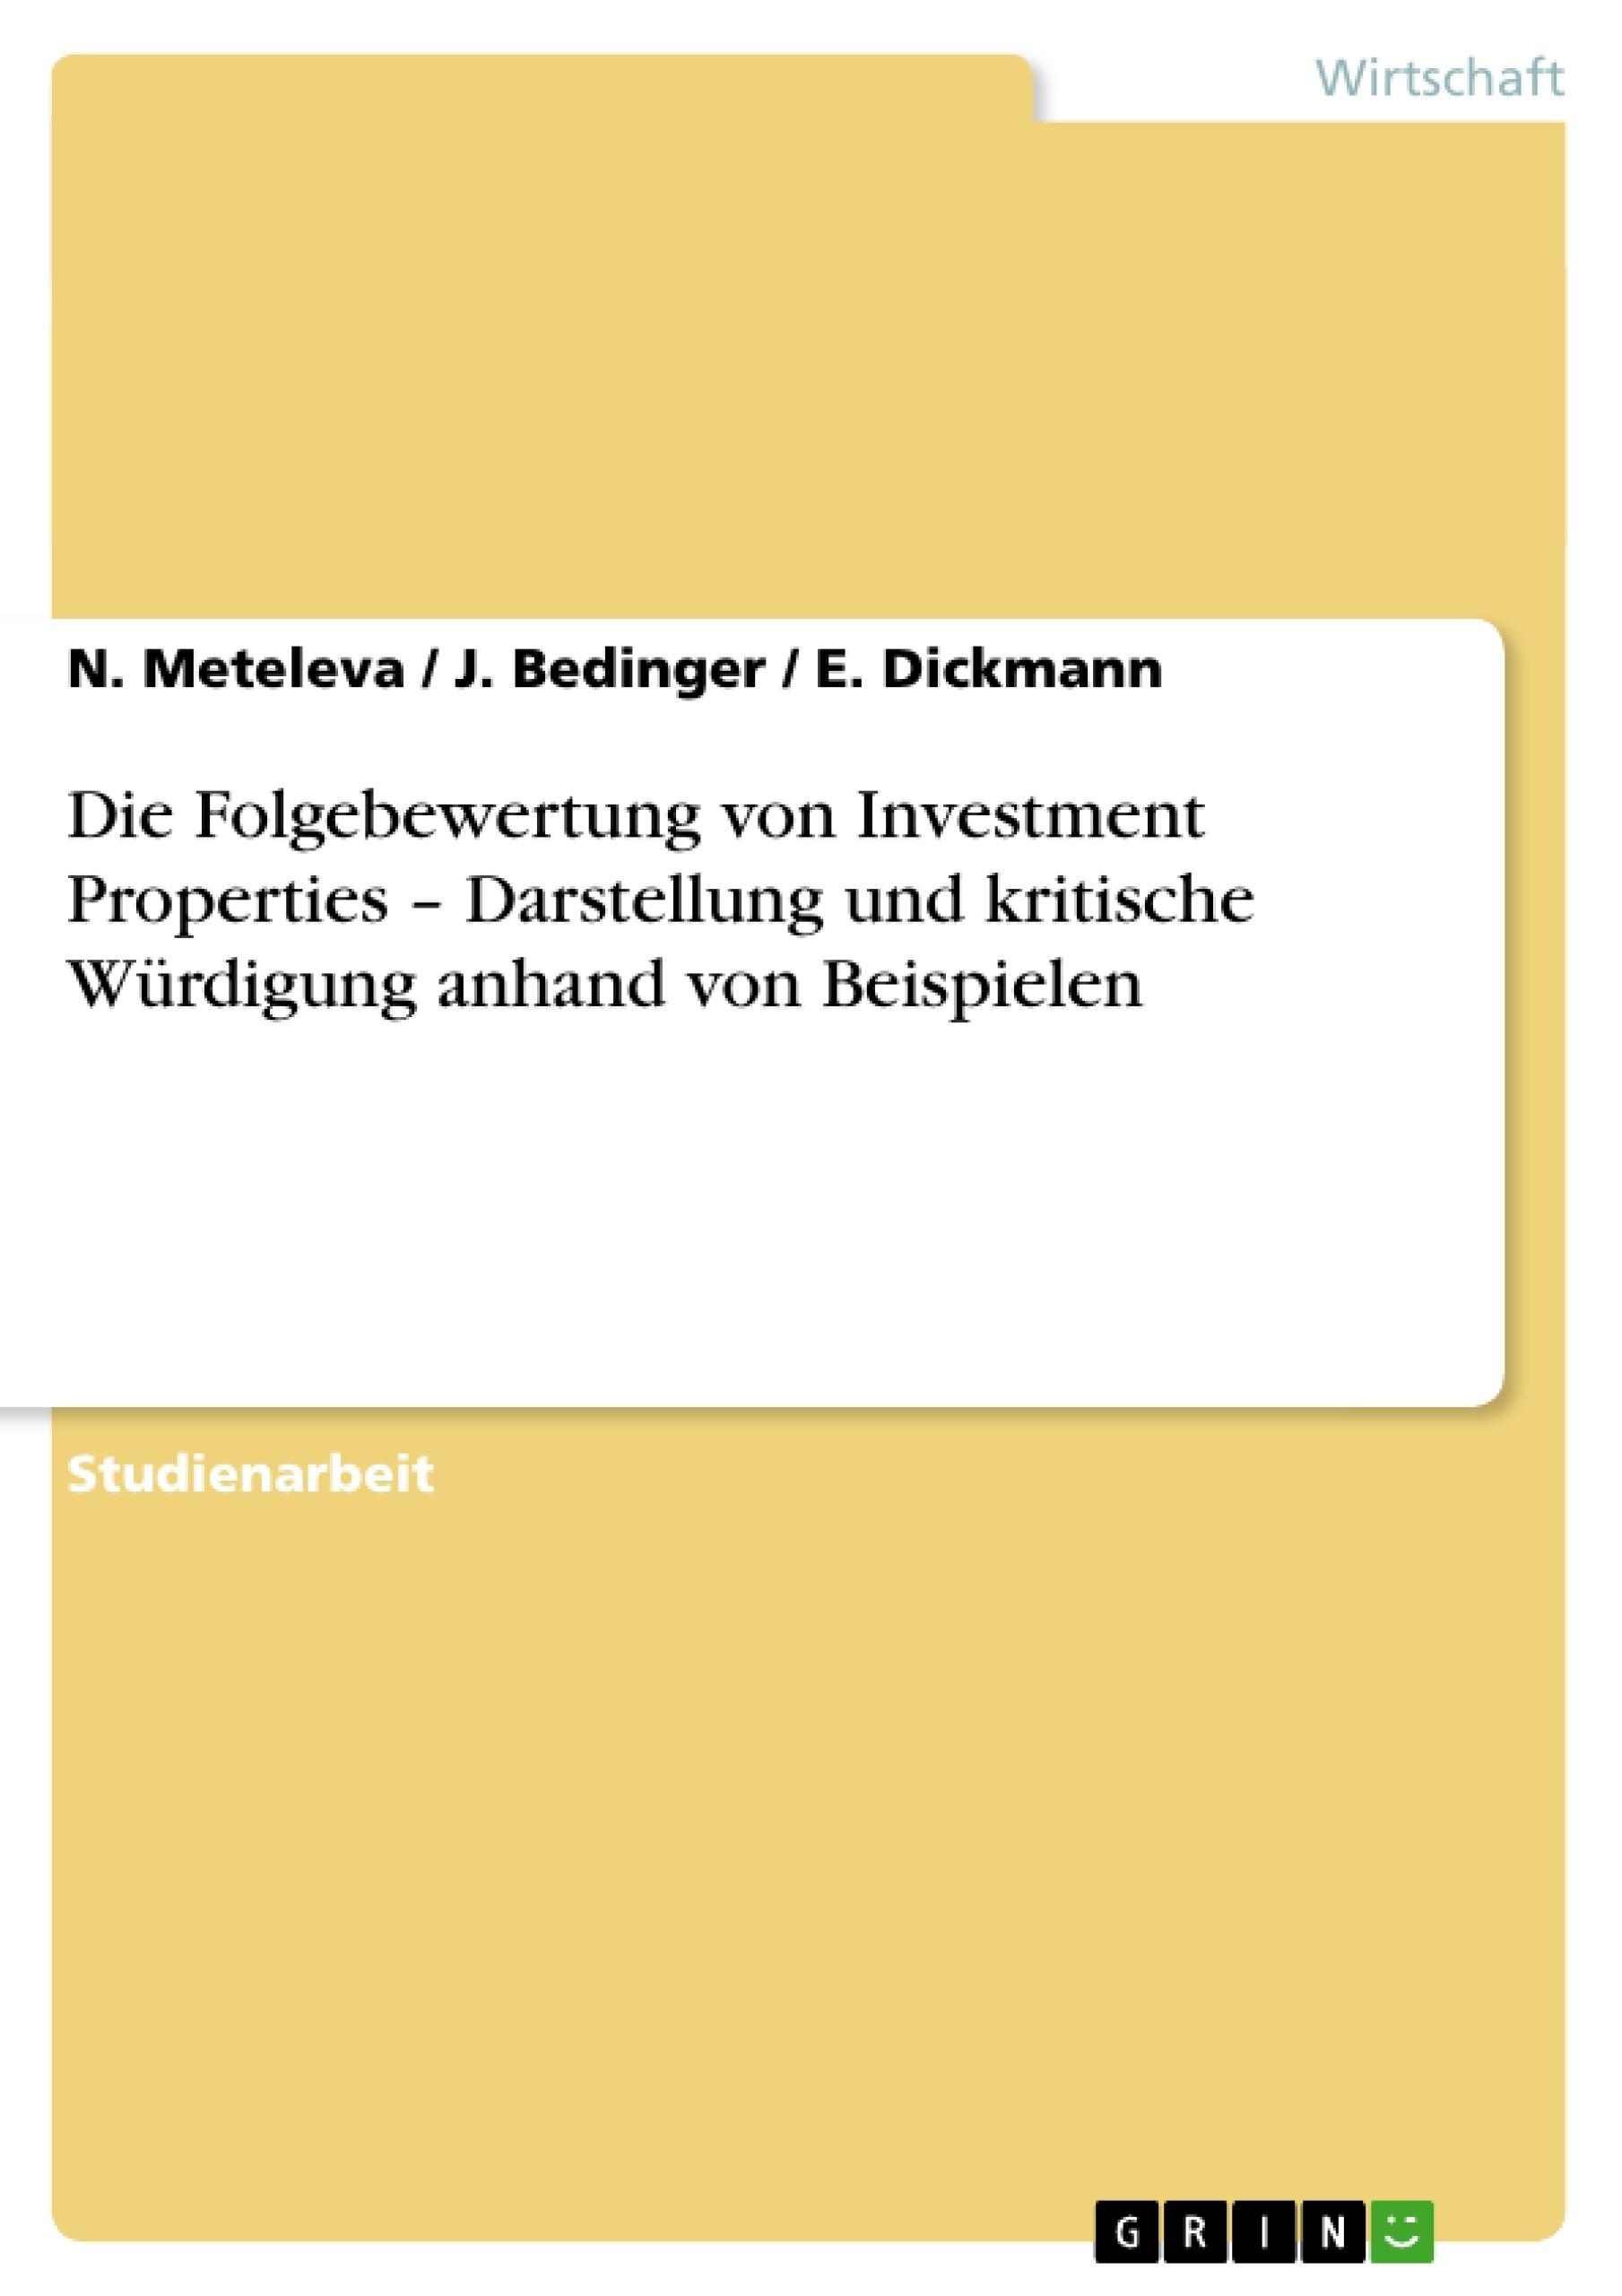 Titel: Die Folgebewertung von Investment Properties – Darstellung und kritische Würdigung anhand von Beispielen